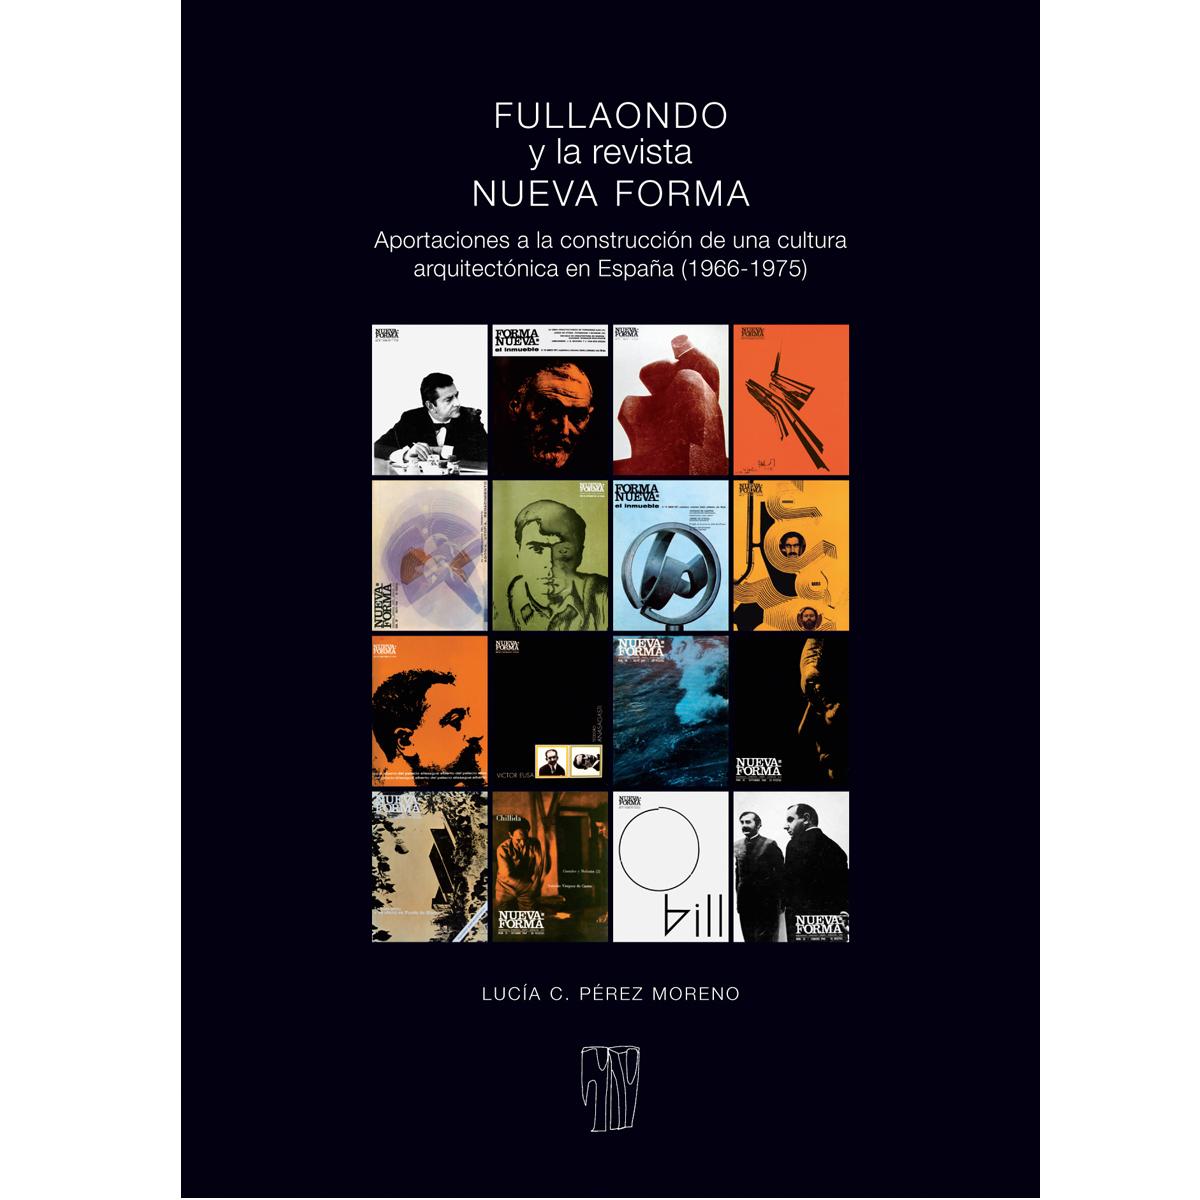 Fullaondo y la revista 'Nueva Forma'